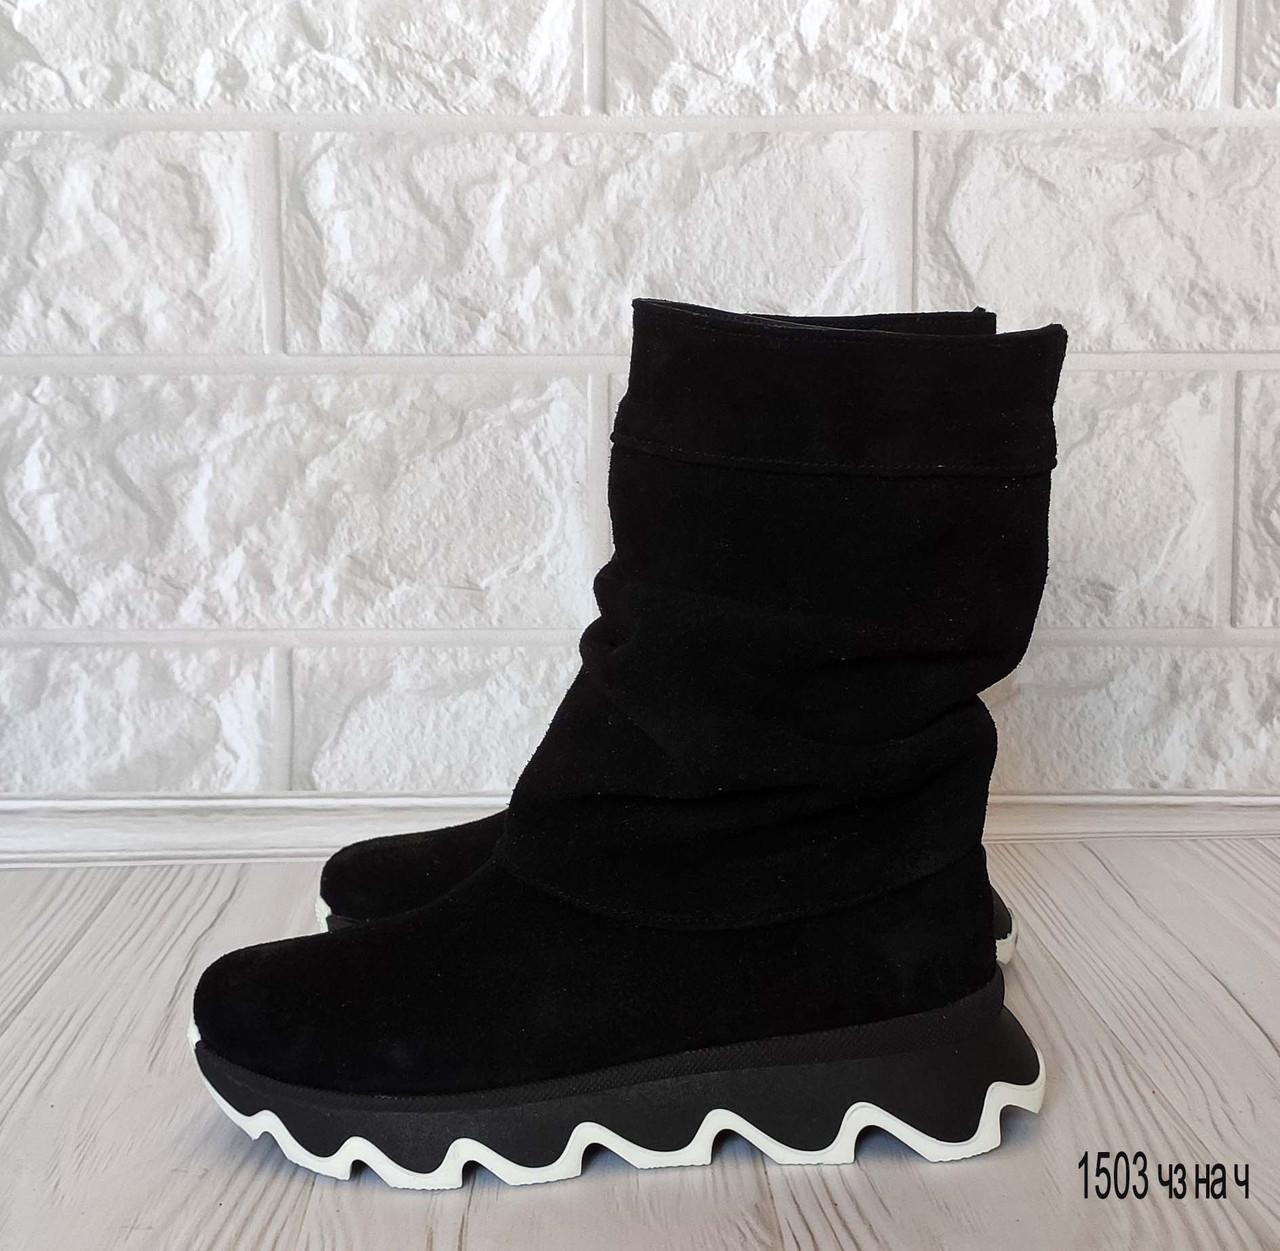 39 р. Ботинки женские деми черные замшевые на низком ходу низкий ход демисезонные из натуральной замши замша